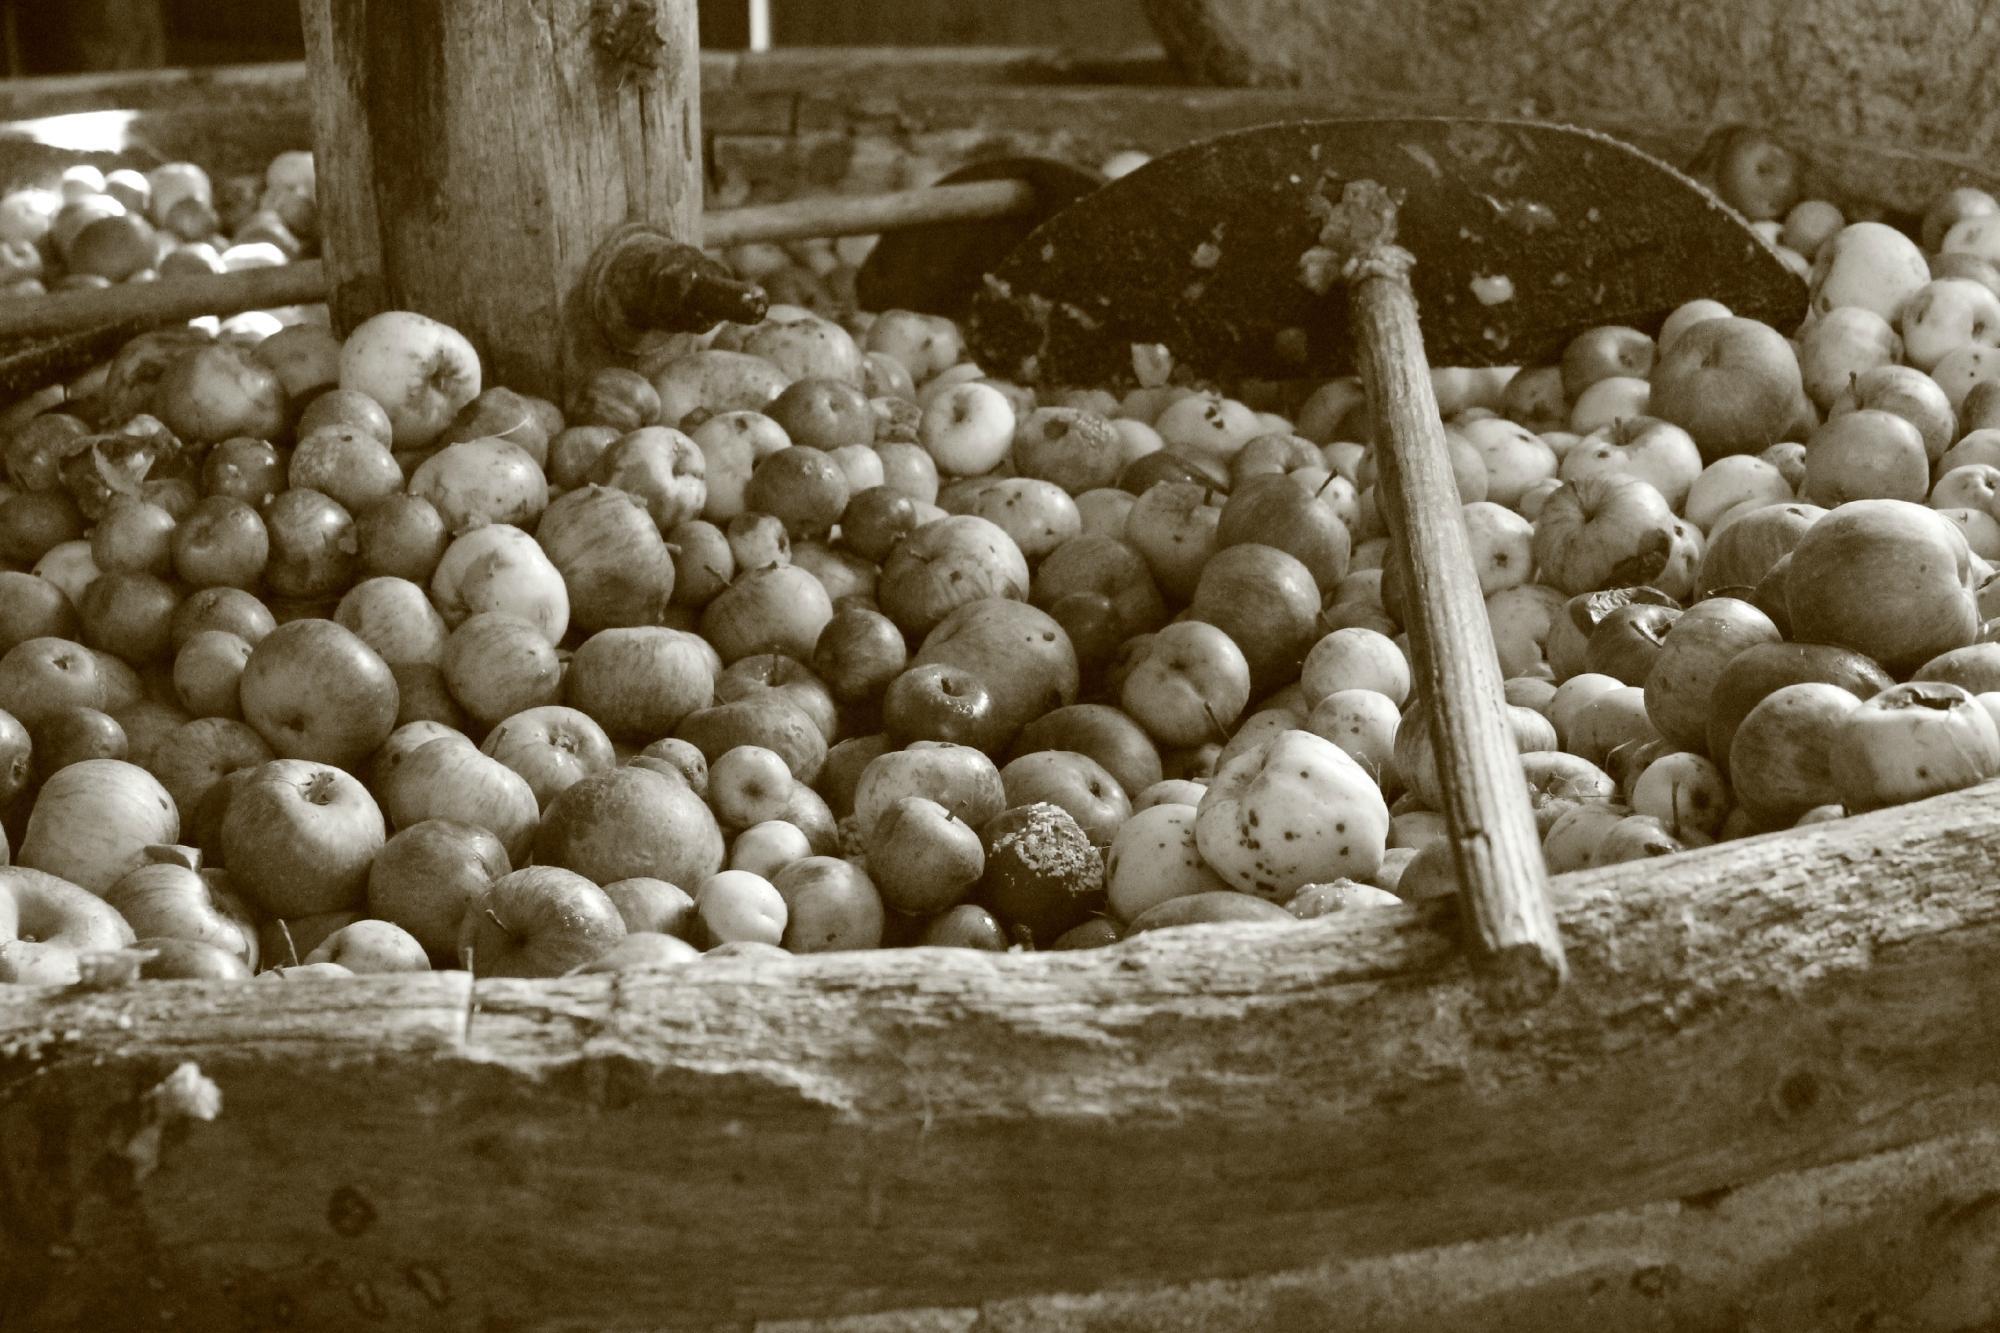 1460-musee-du-cidre-la-ferme-d-hotte-aube.jpg